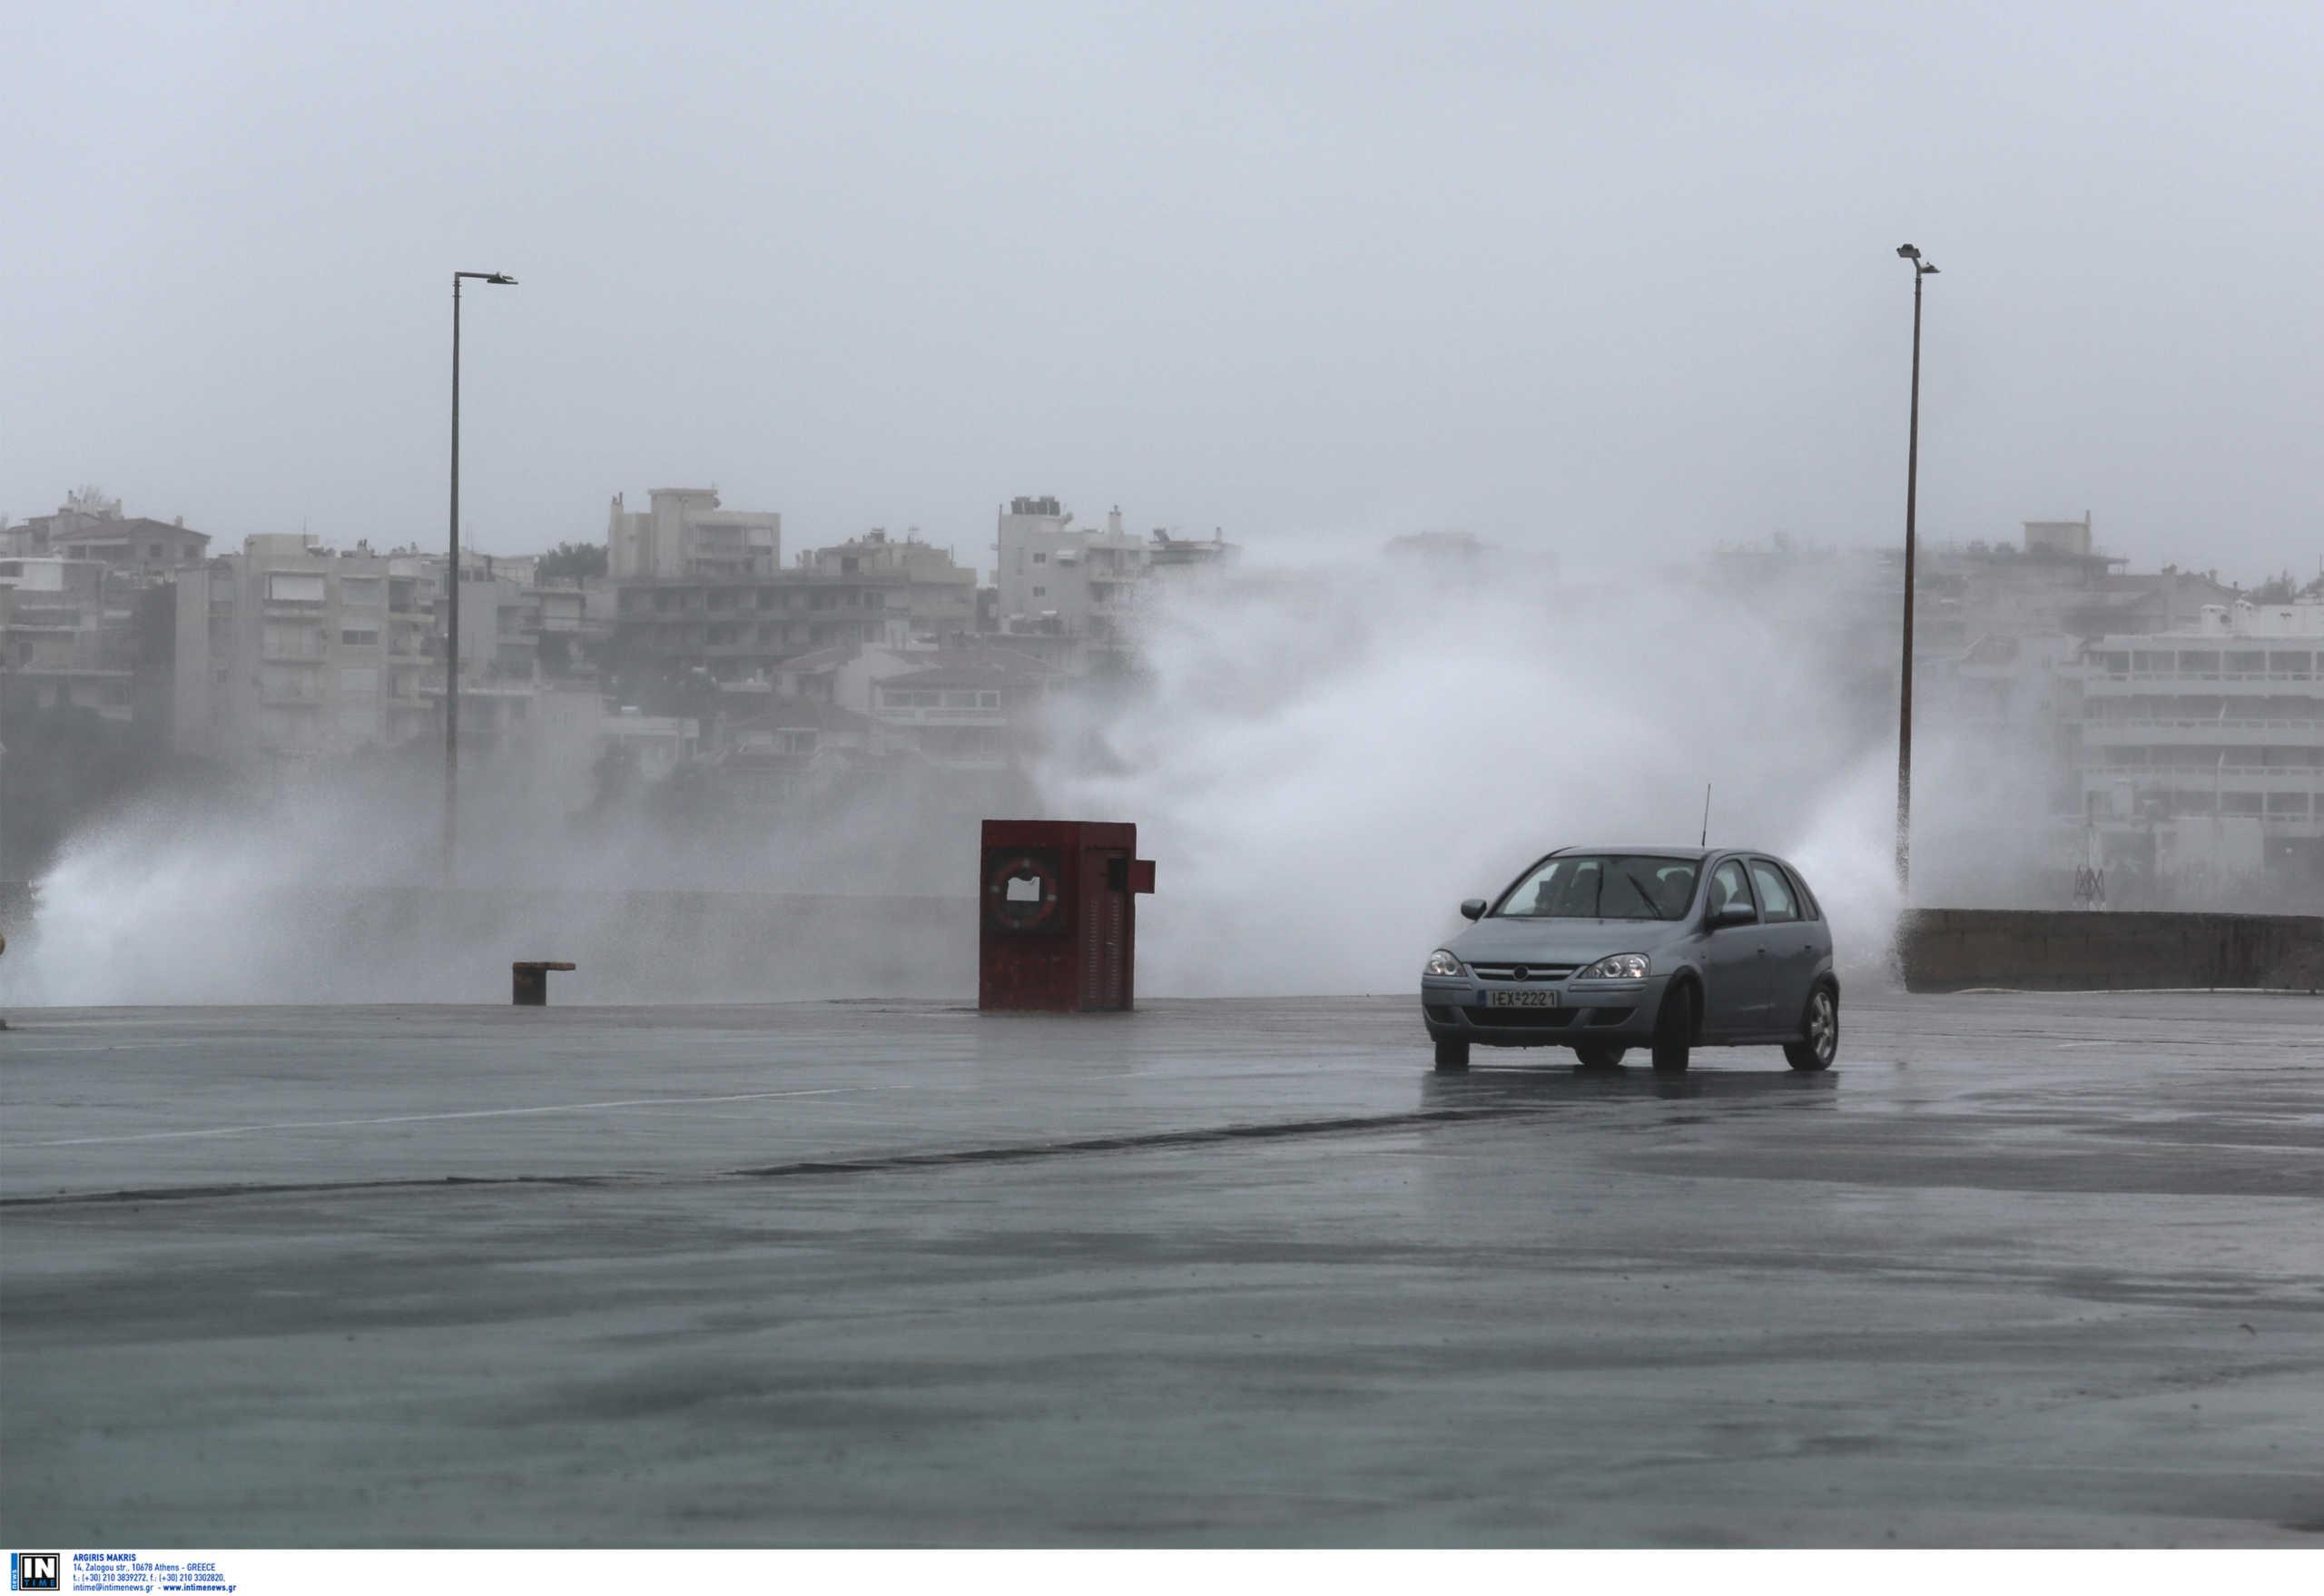 Καιρός: Έκτακτο δελτίο επιδείνωσης από την ΕΜΥ! Καταιγίδες, χαλάζι και δυνατοί άνεμοι